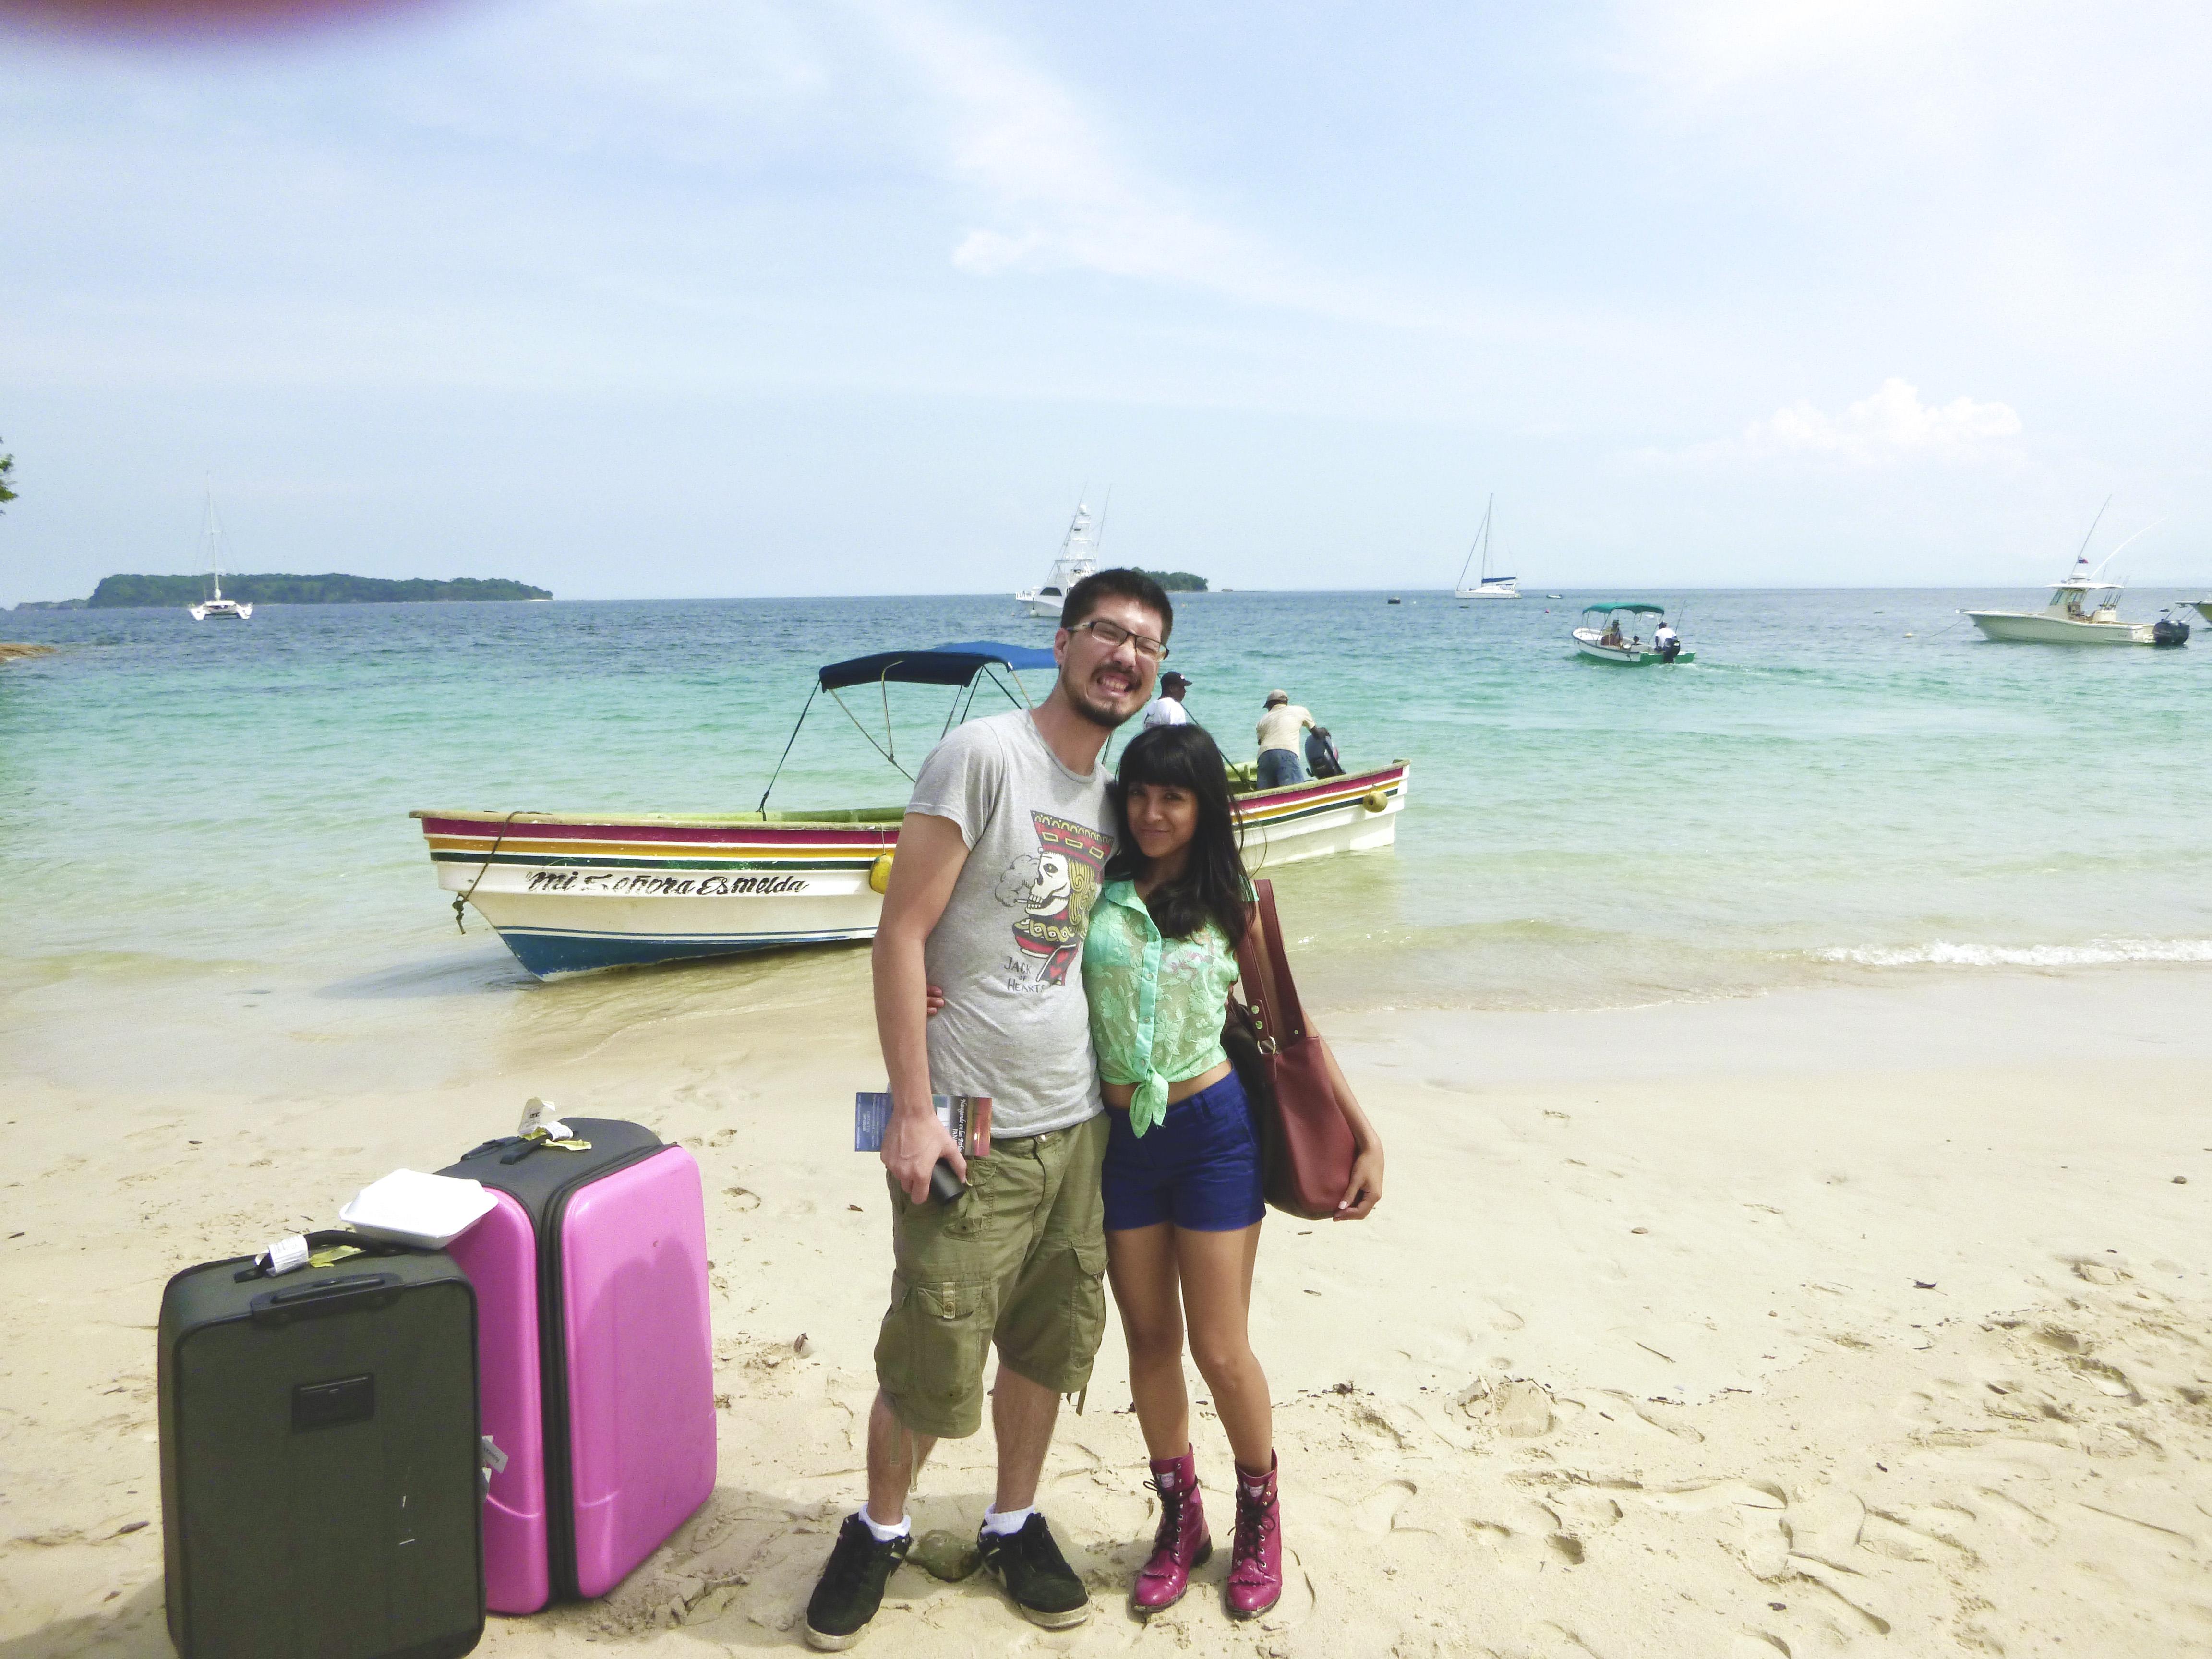 Mrs. and Mr. Muranaka